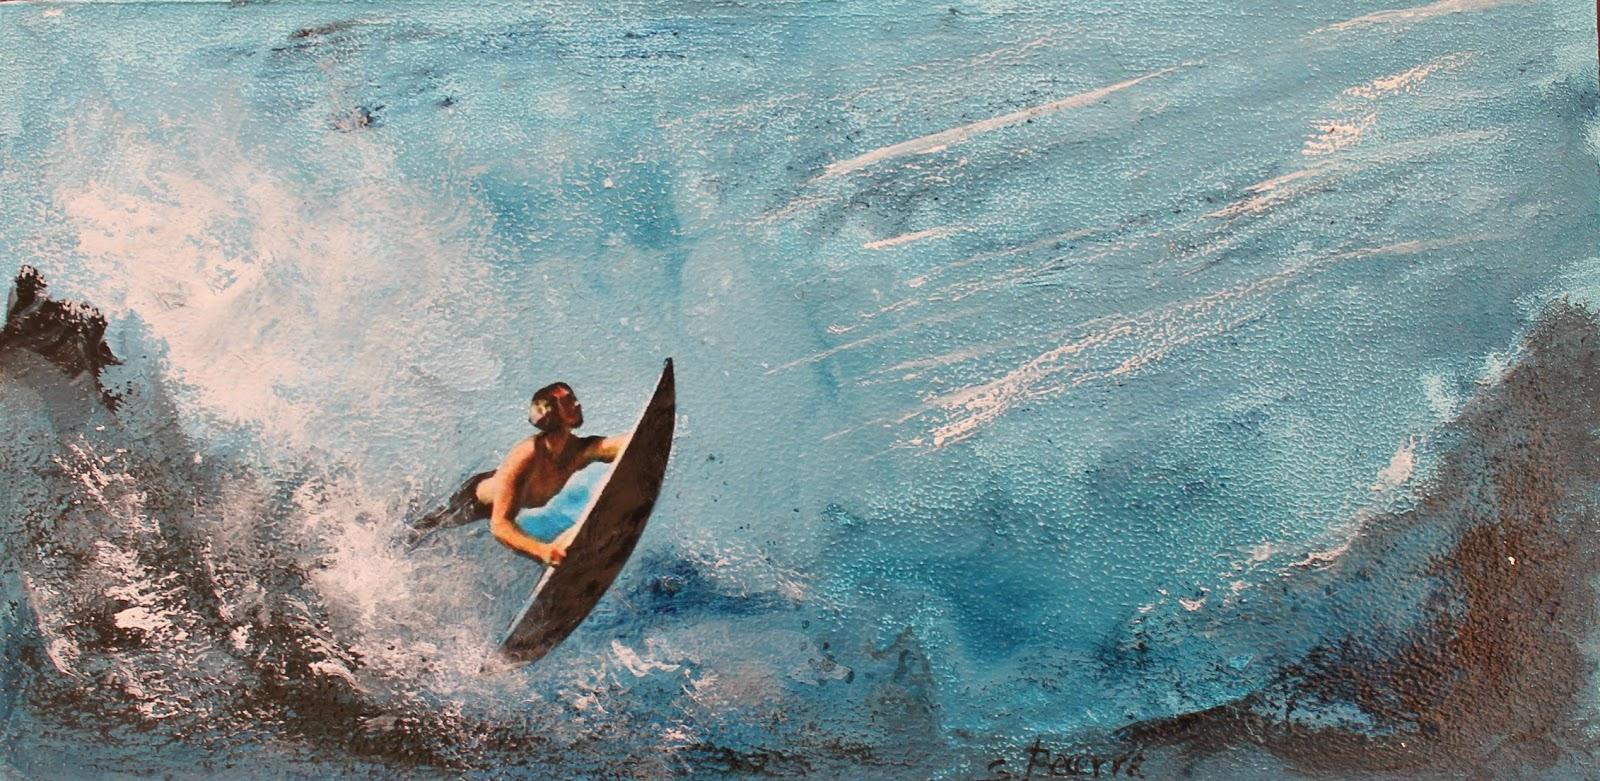 Arte con surf: la mezcla de pintura y fotografía de Susana Becerra